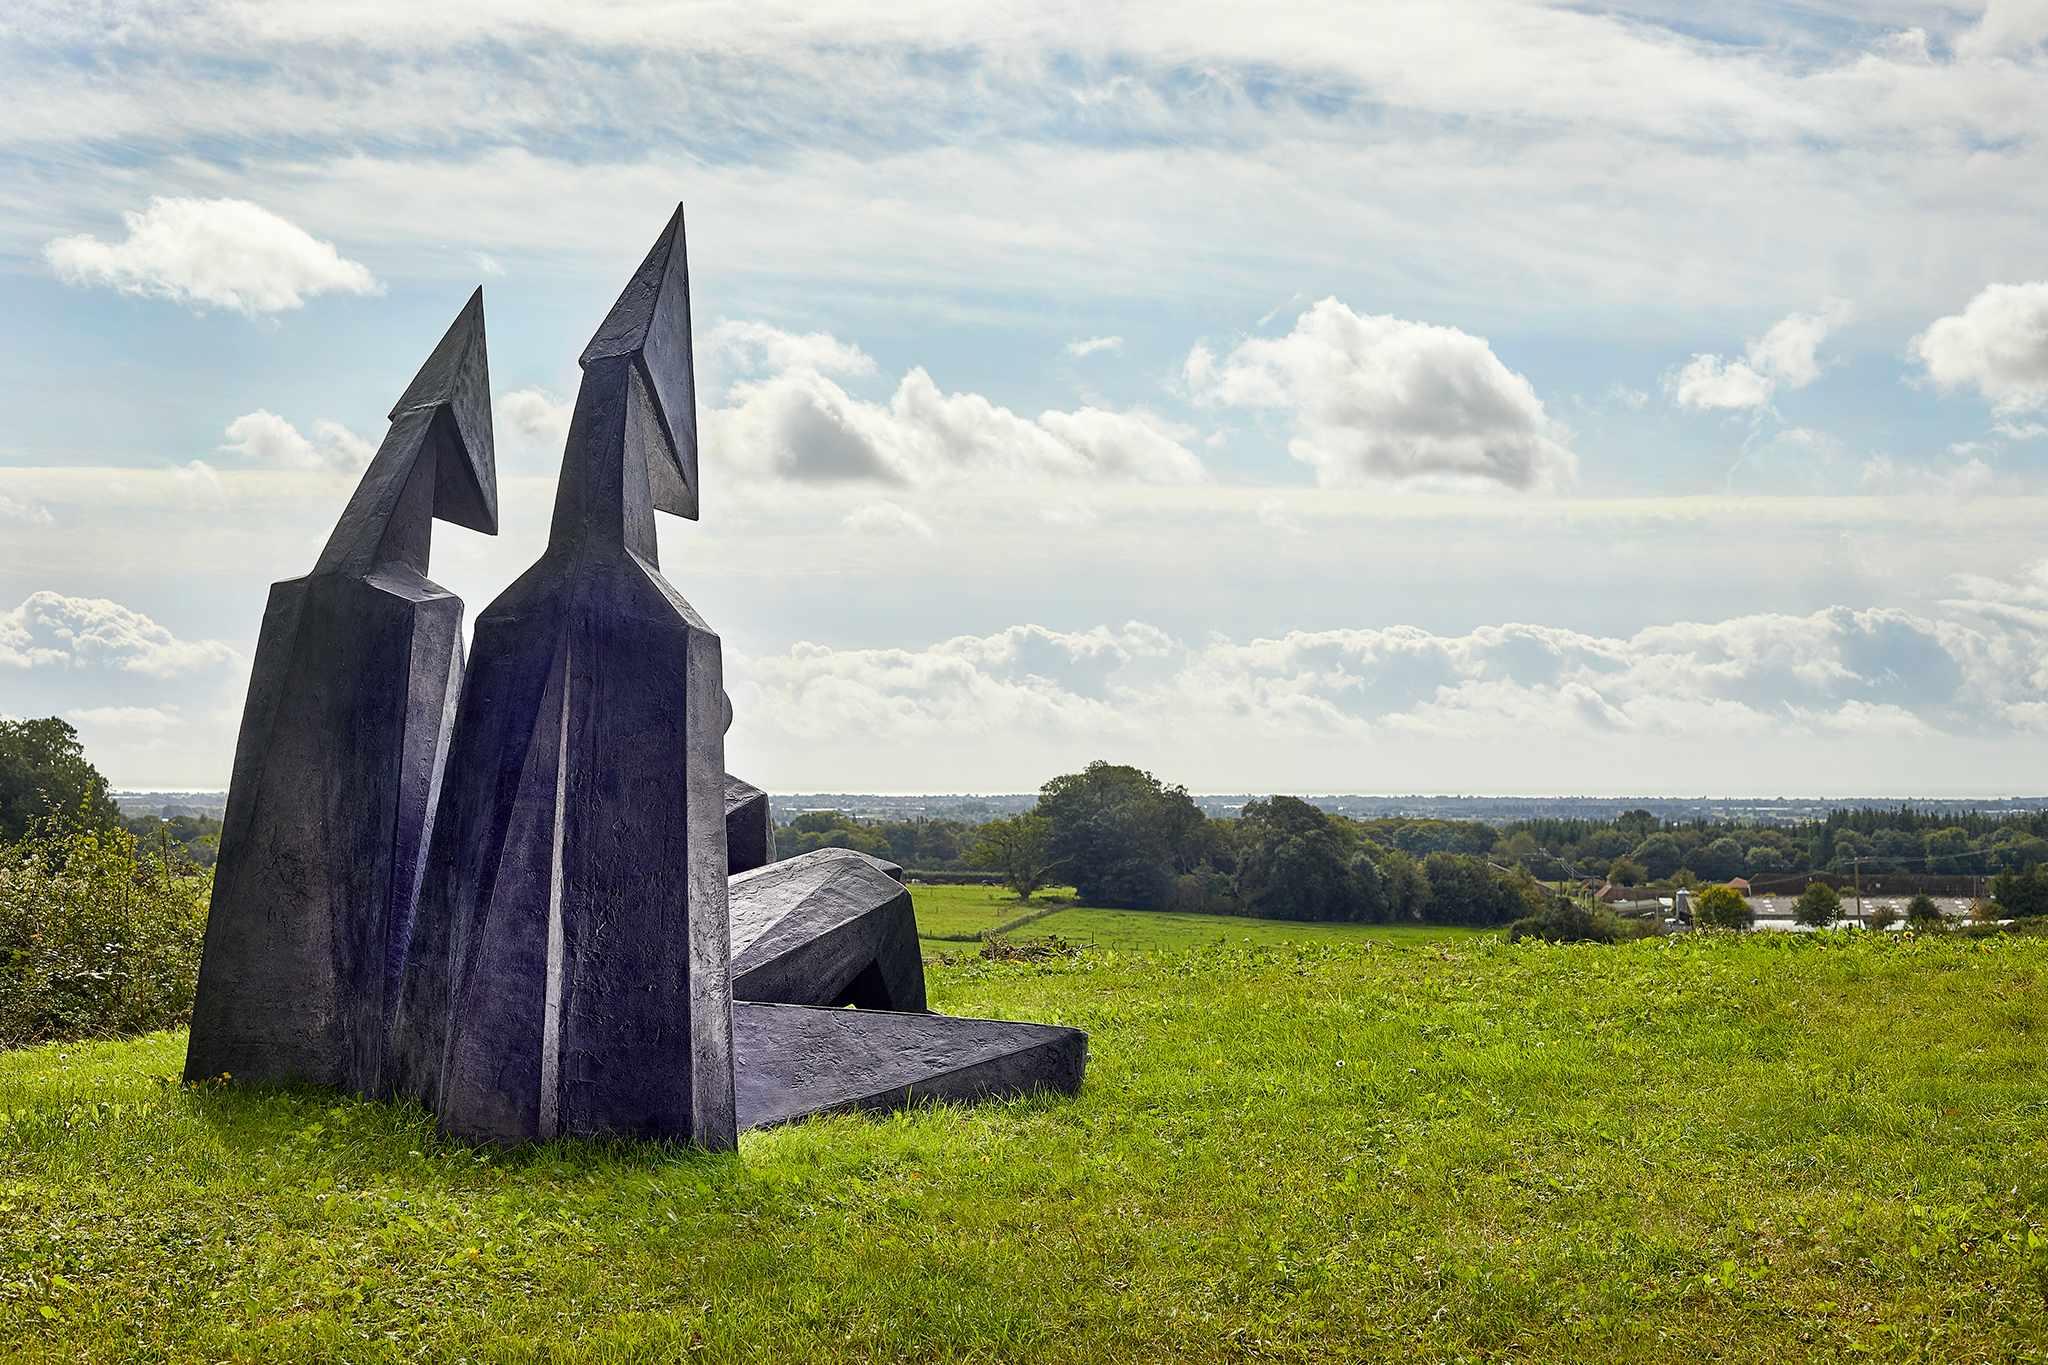 2048-1365-2-FOR-1-CASS-Sculpture-Foundation